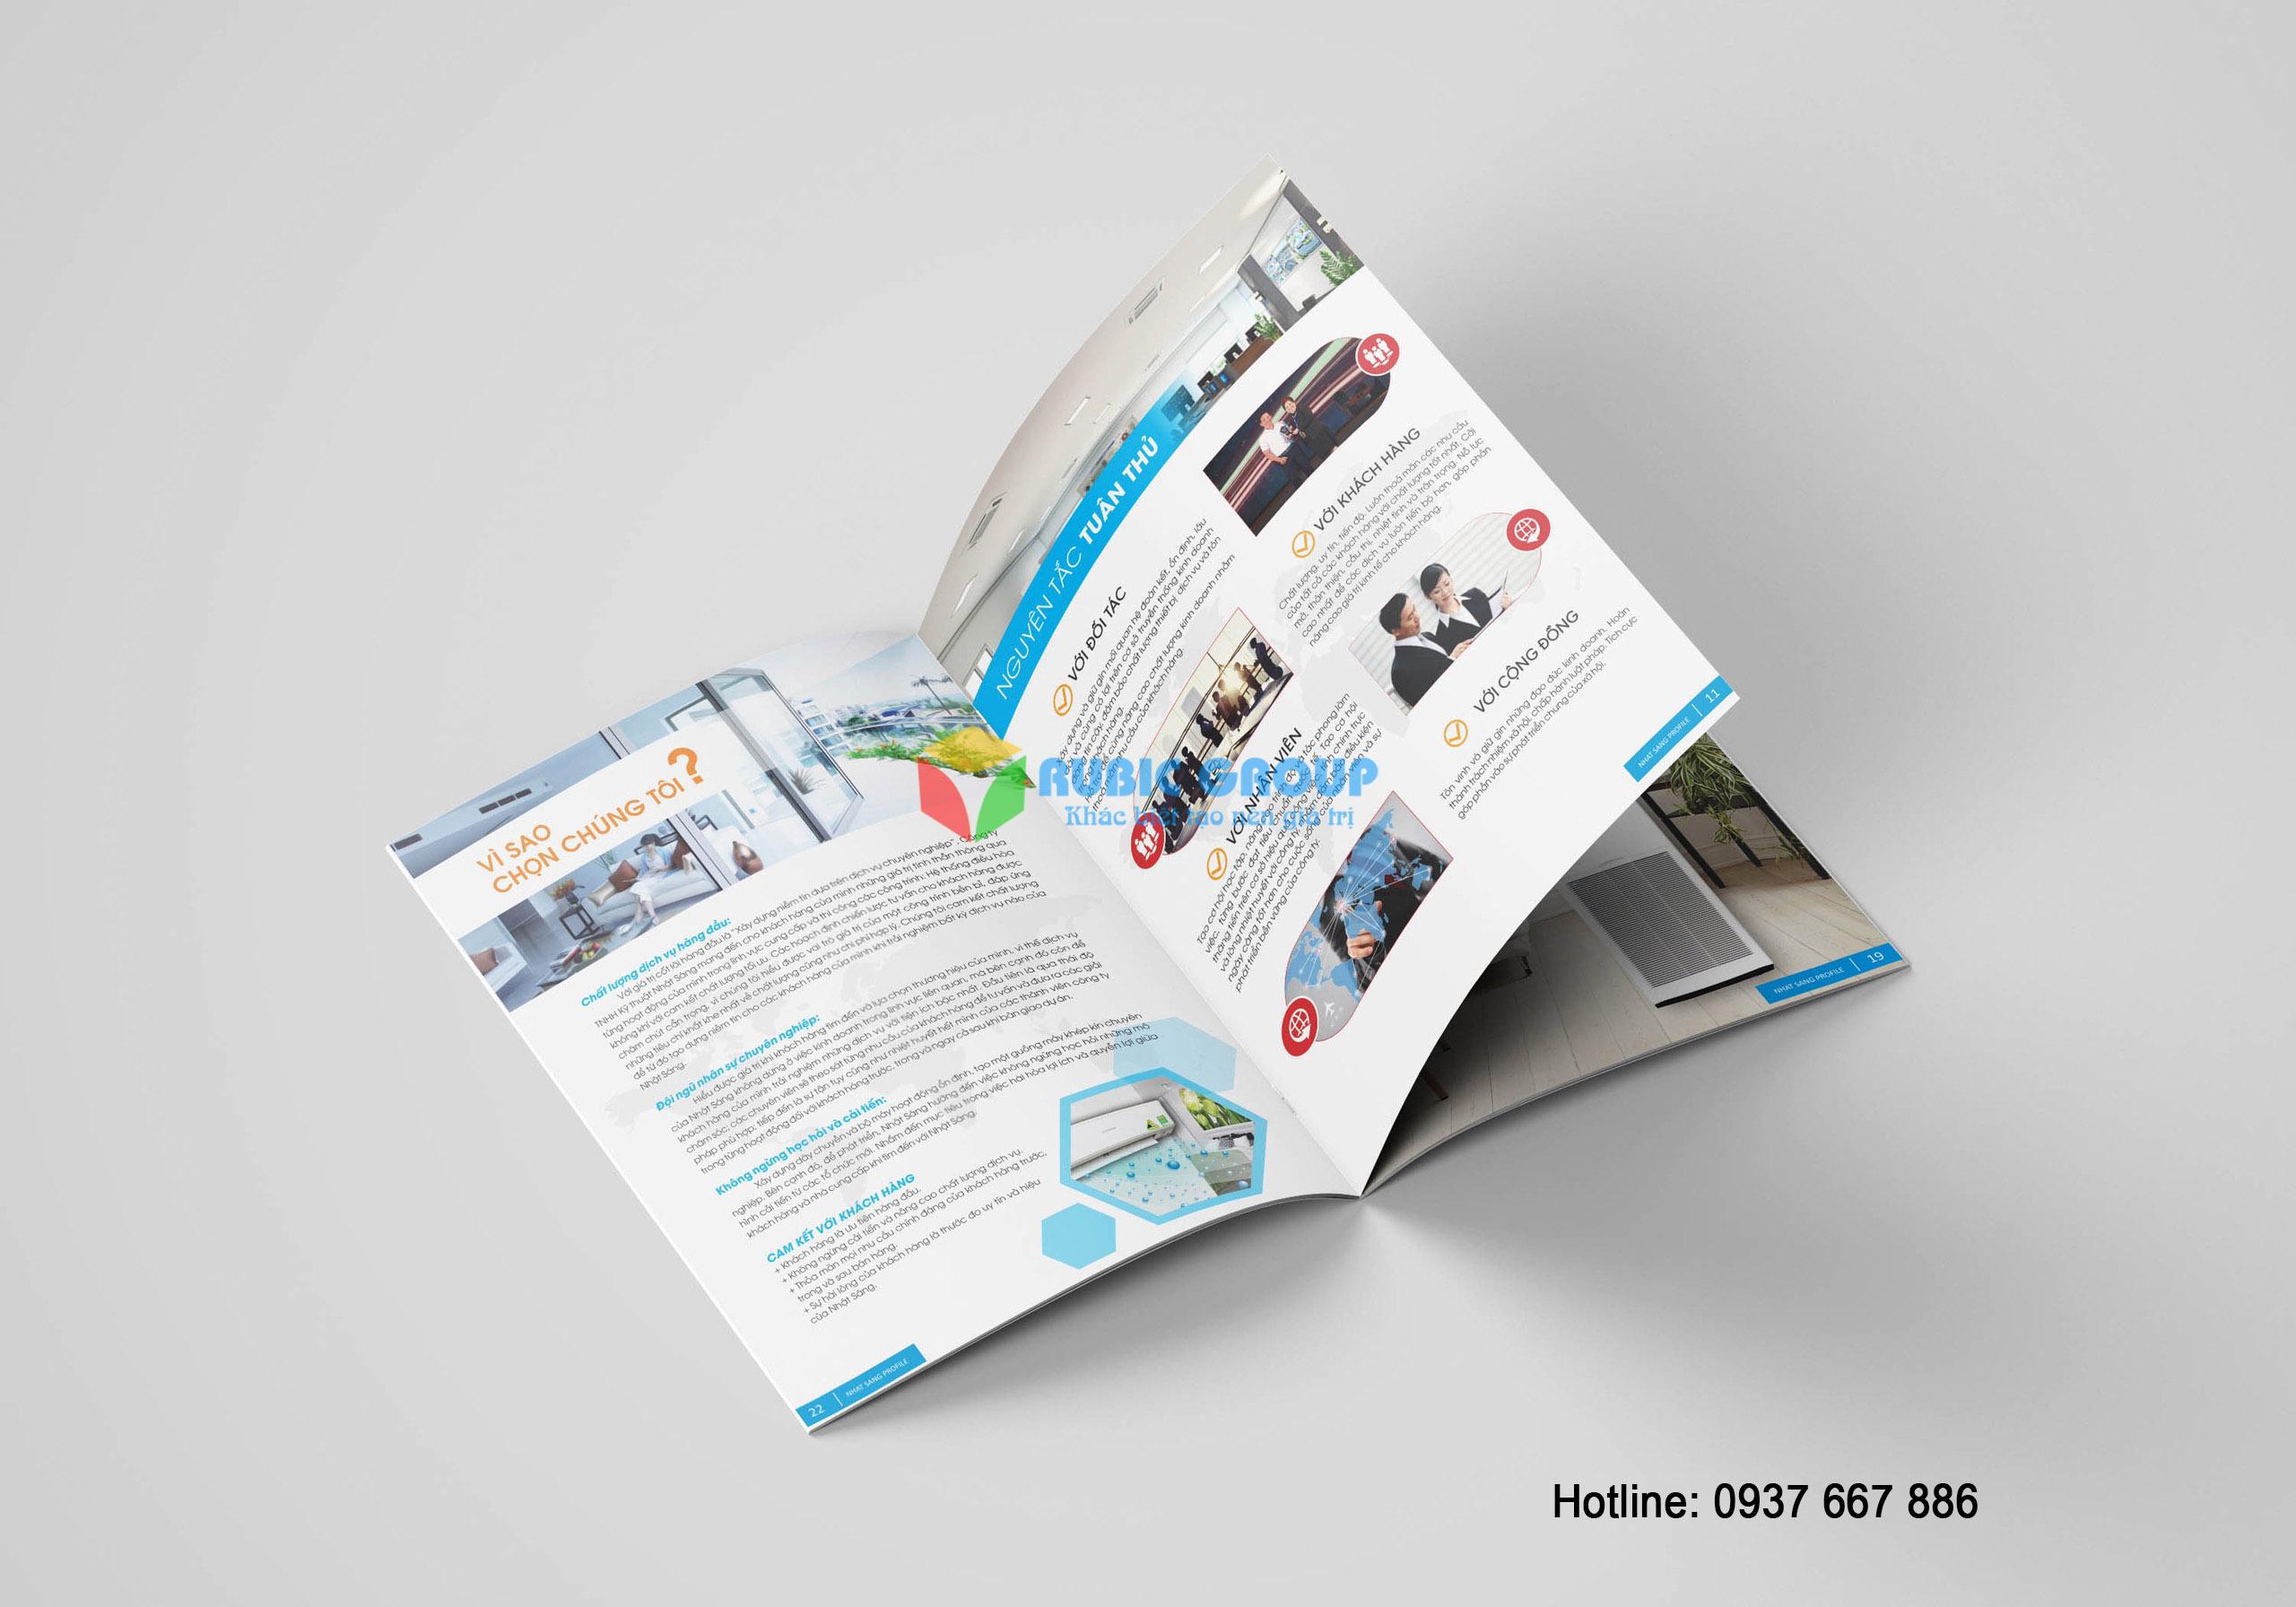 thiết kế hồ sơ năng lực điện lạnh tphcm 2